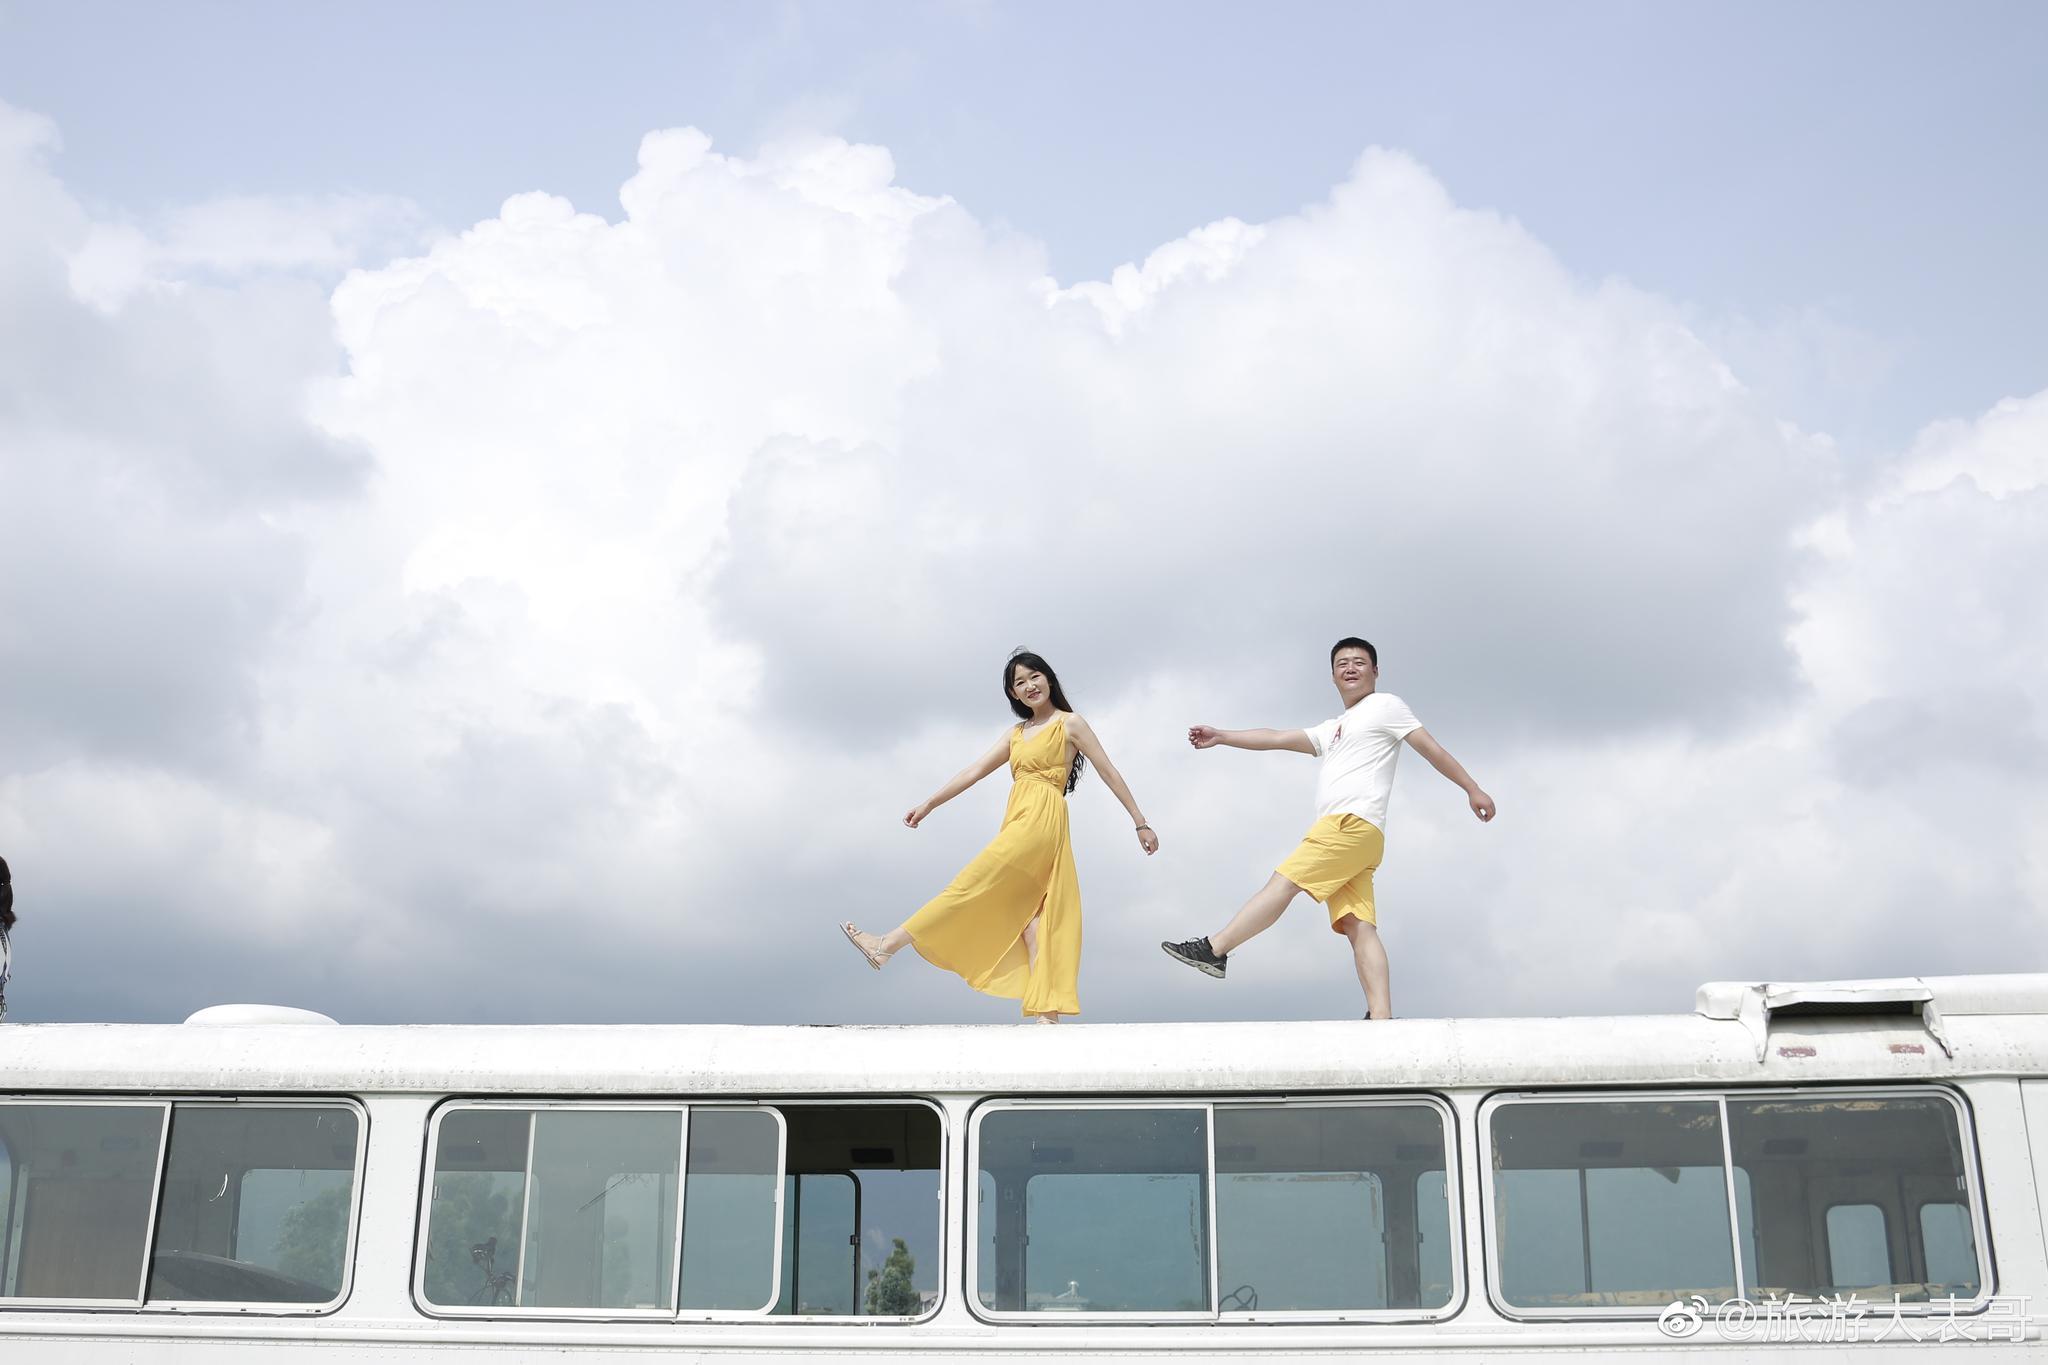 大理旅游,吉普车环海旅拍,情侣闺蜜值得体验的游玩方式~~